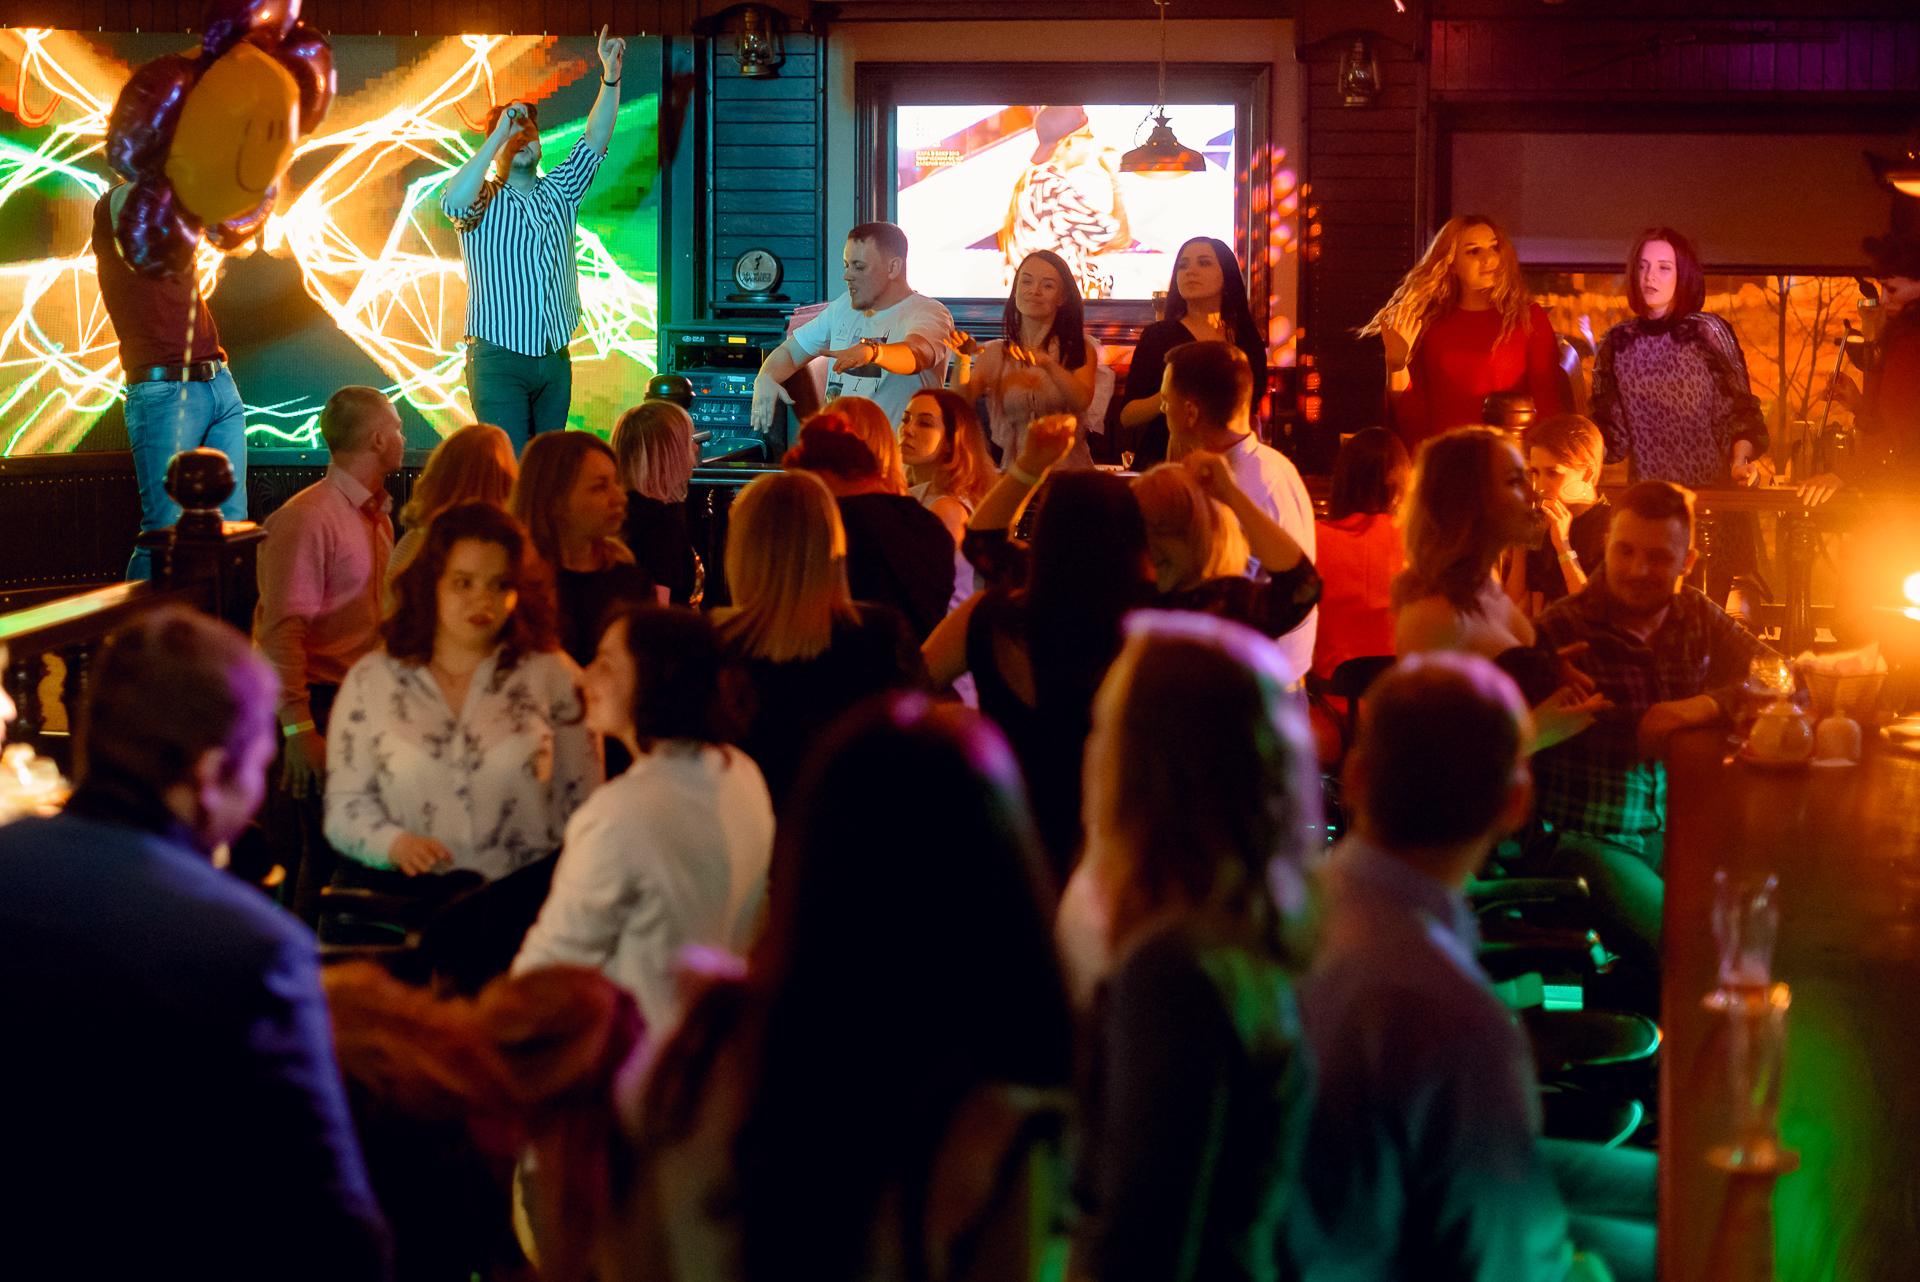 Бизон тюмень фото ночной клуб клубы копро москва